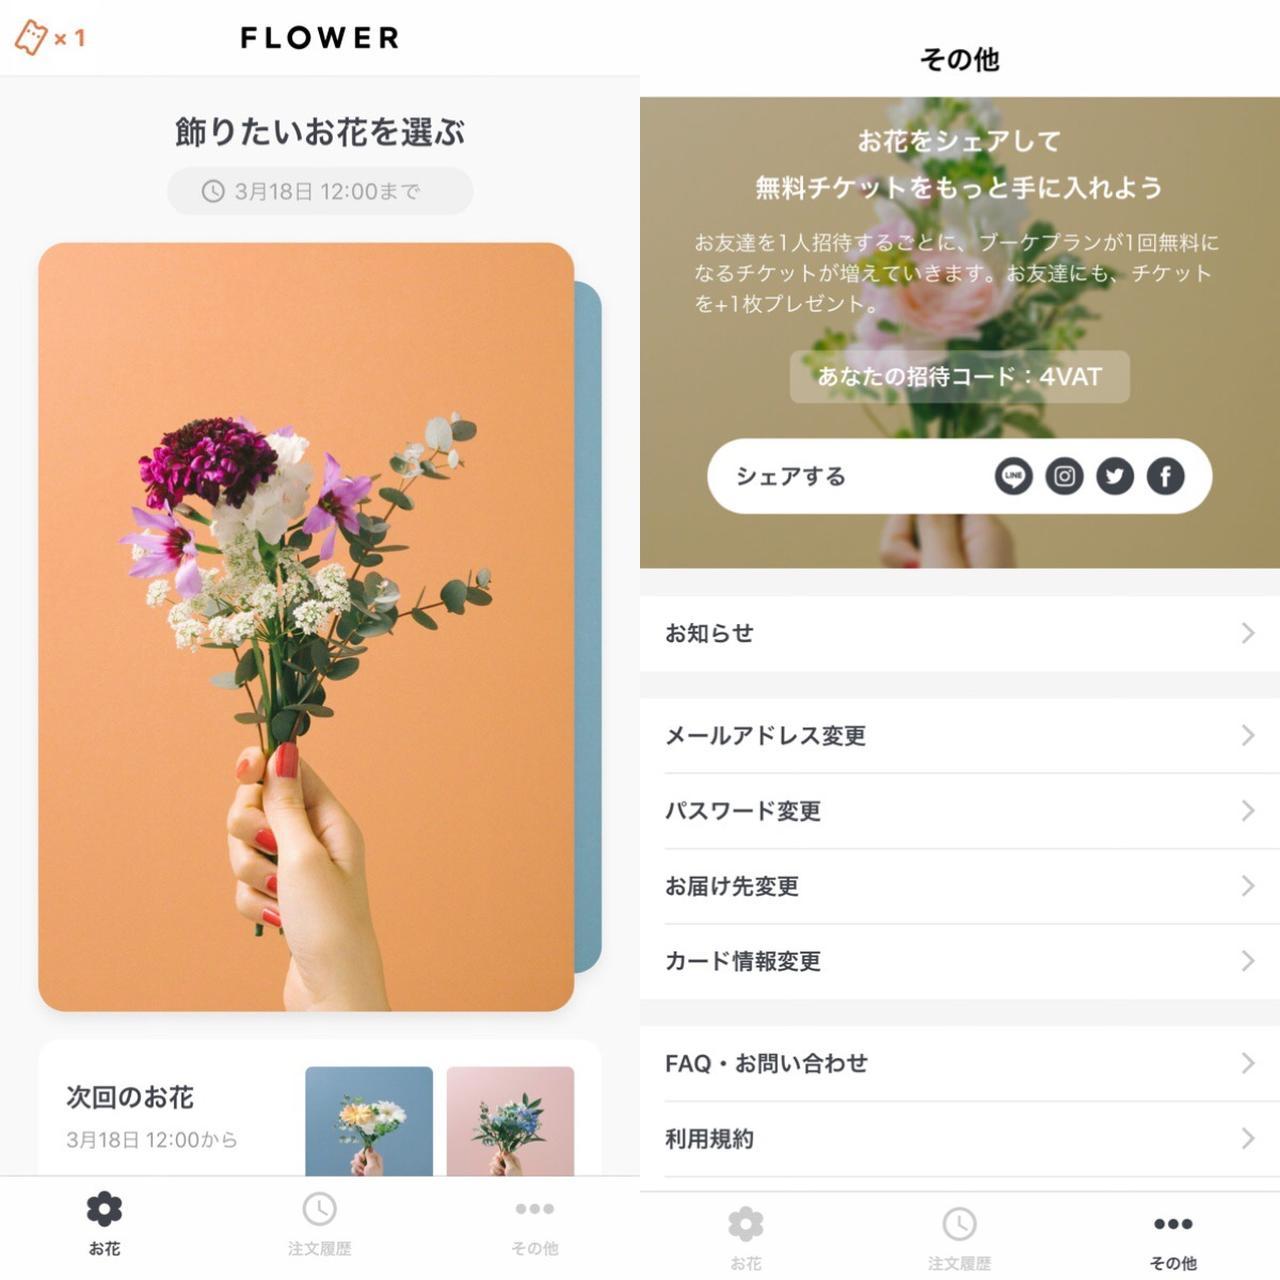 画像: 現在のお花はこれ!招待コードであなたにもブーケ無料チケットプレゼント。